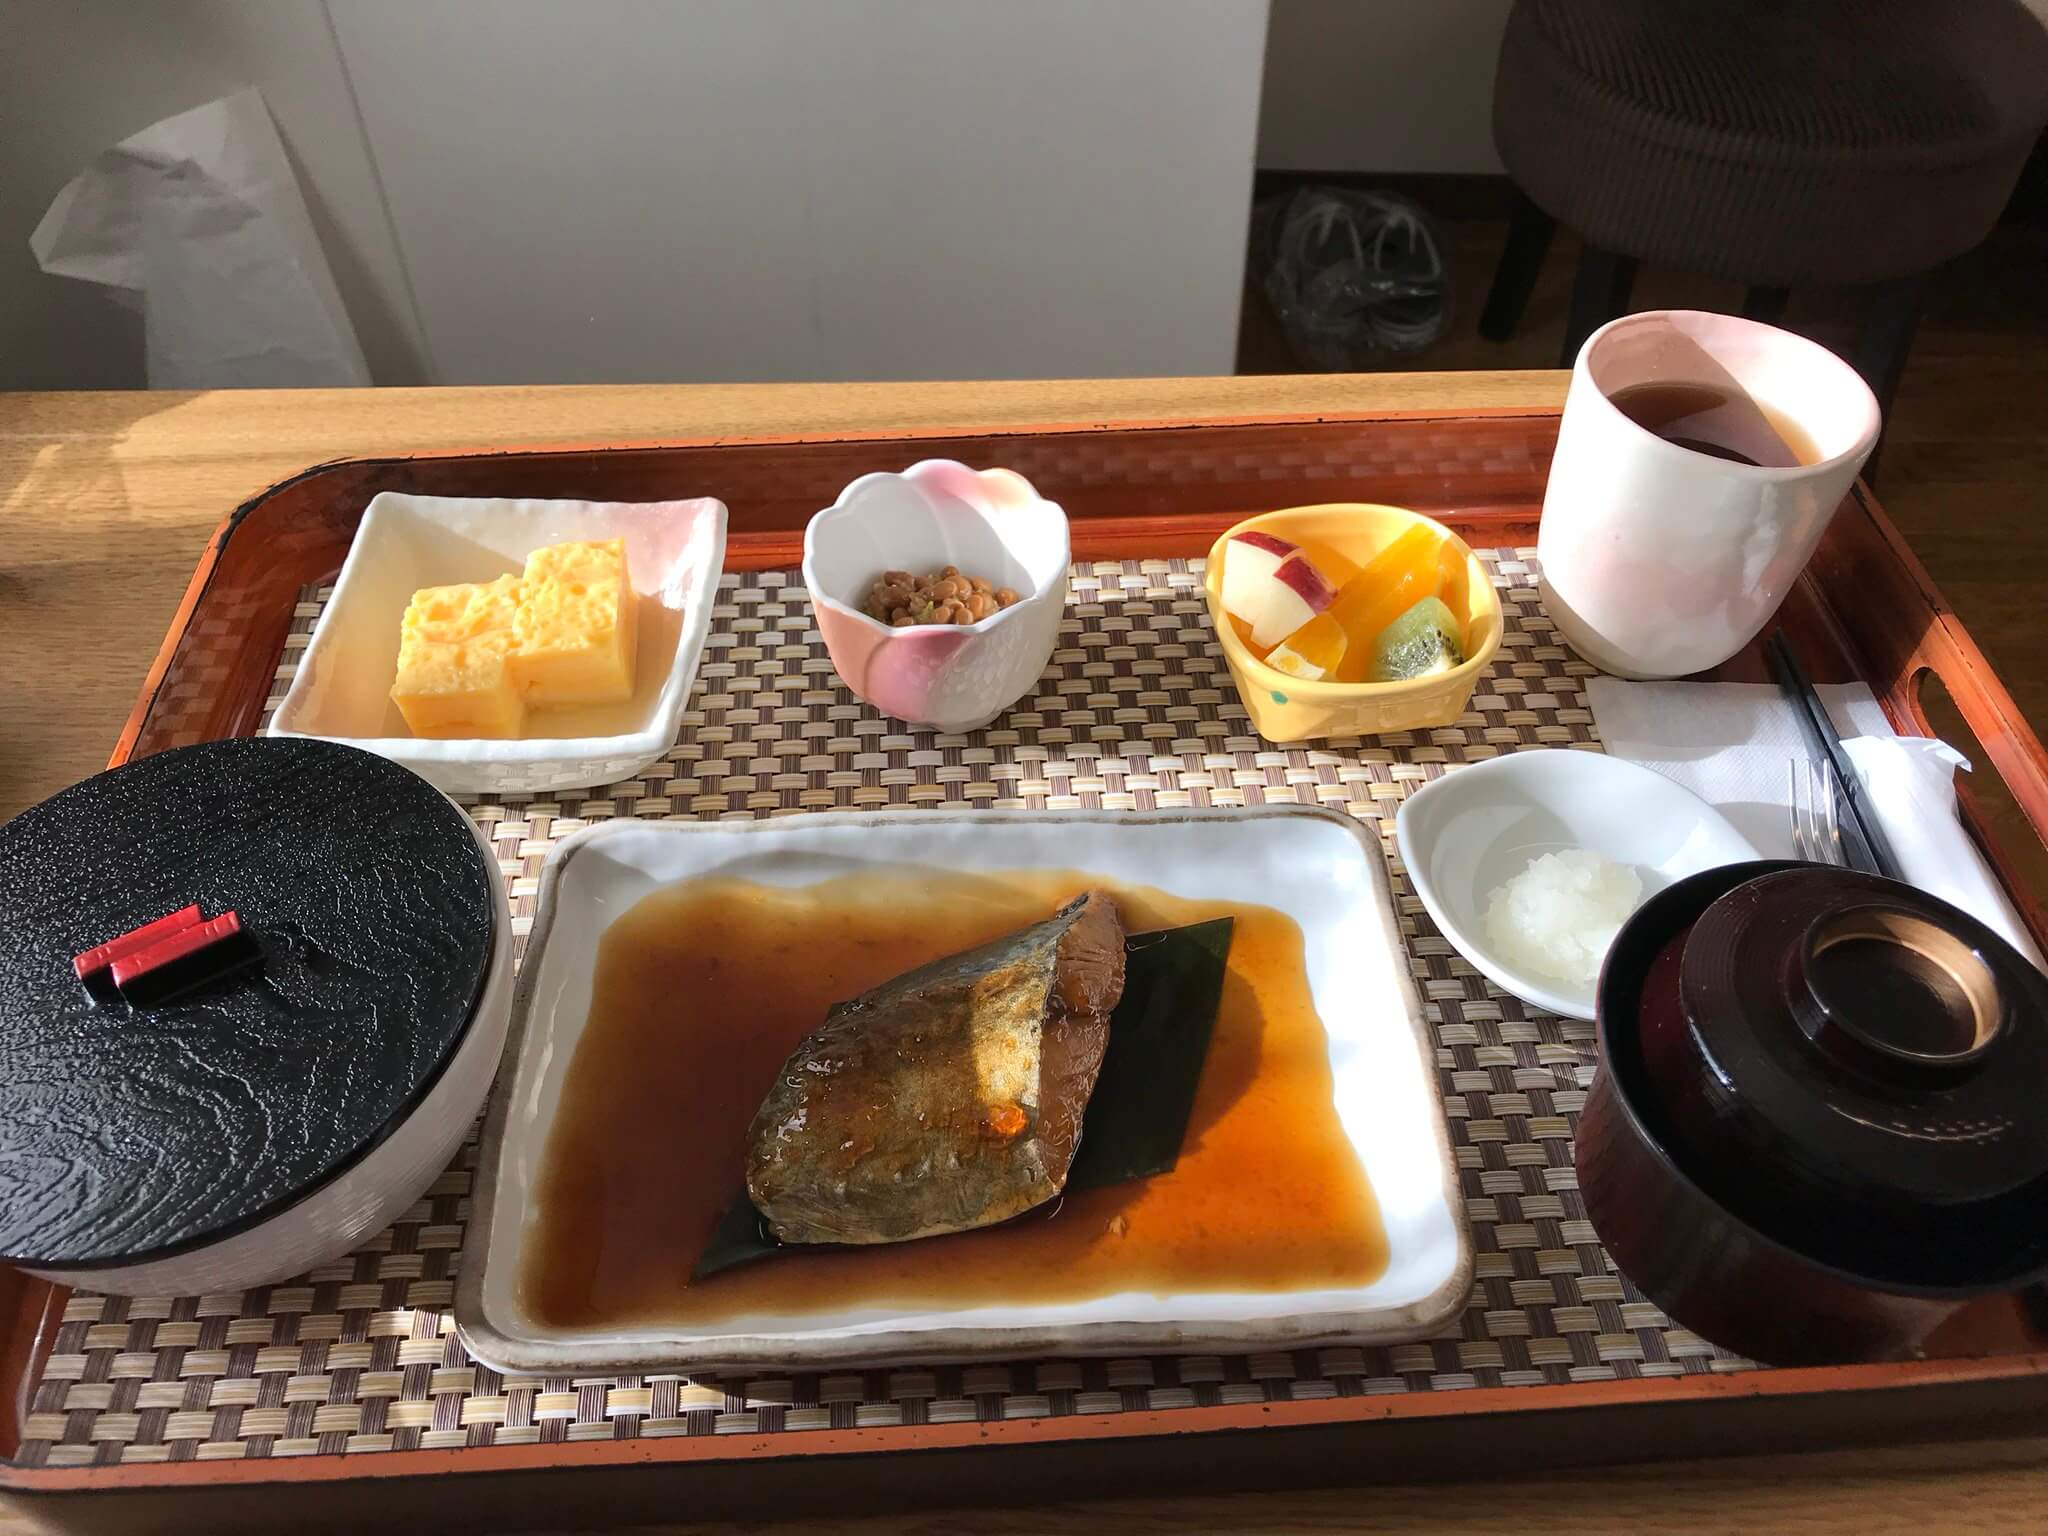 Japanese hospital food 19 (1)